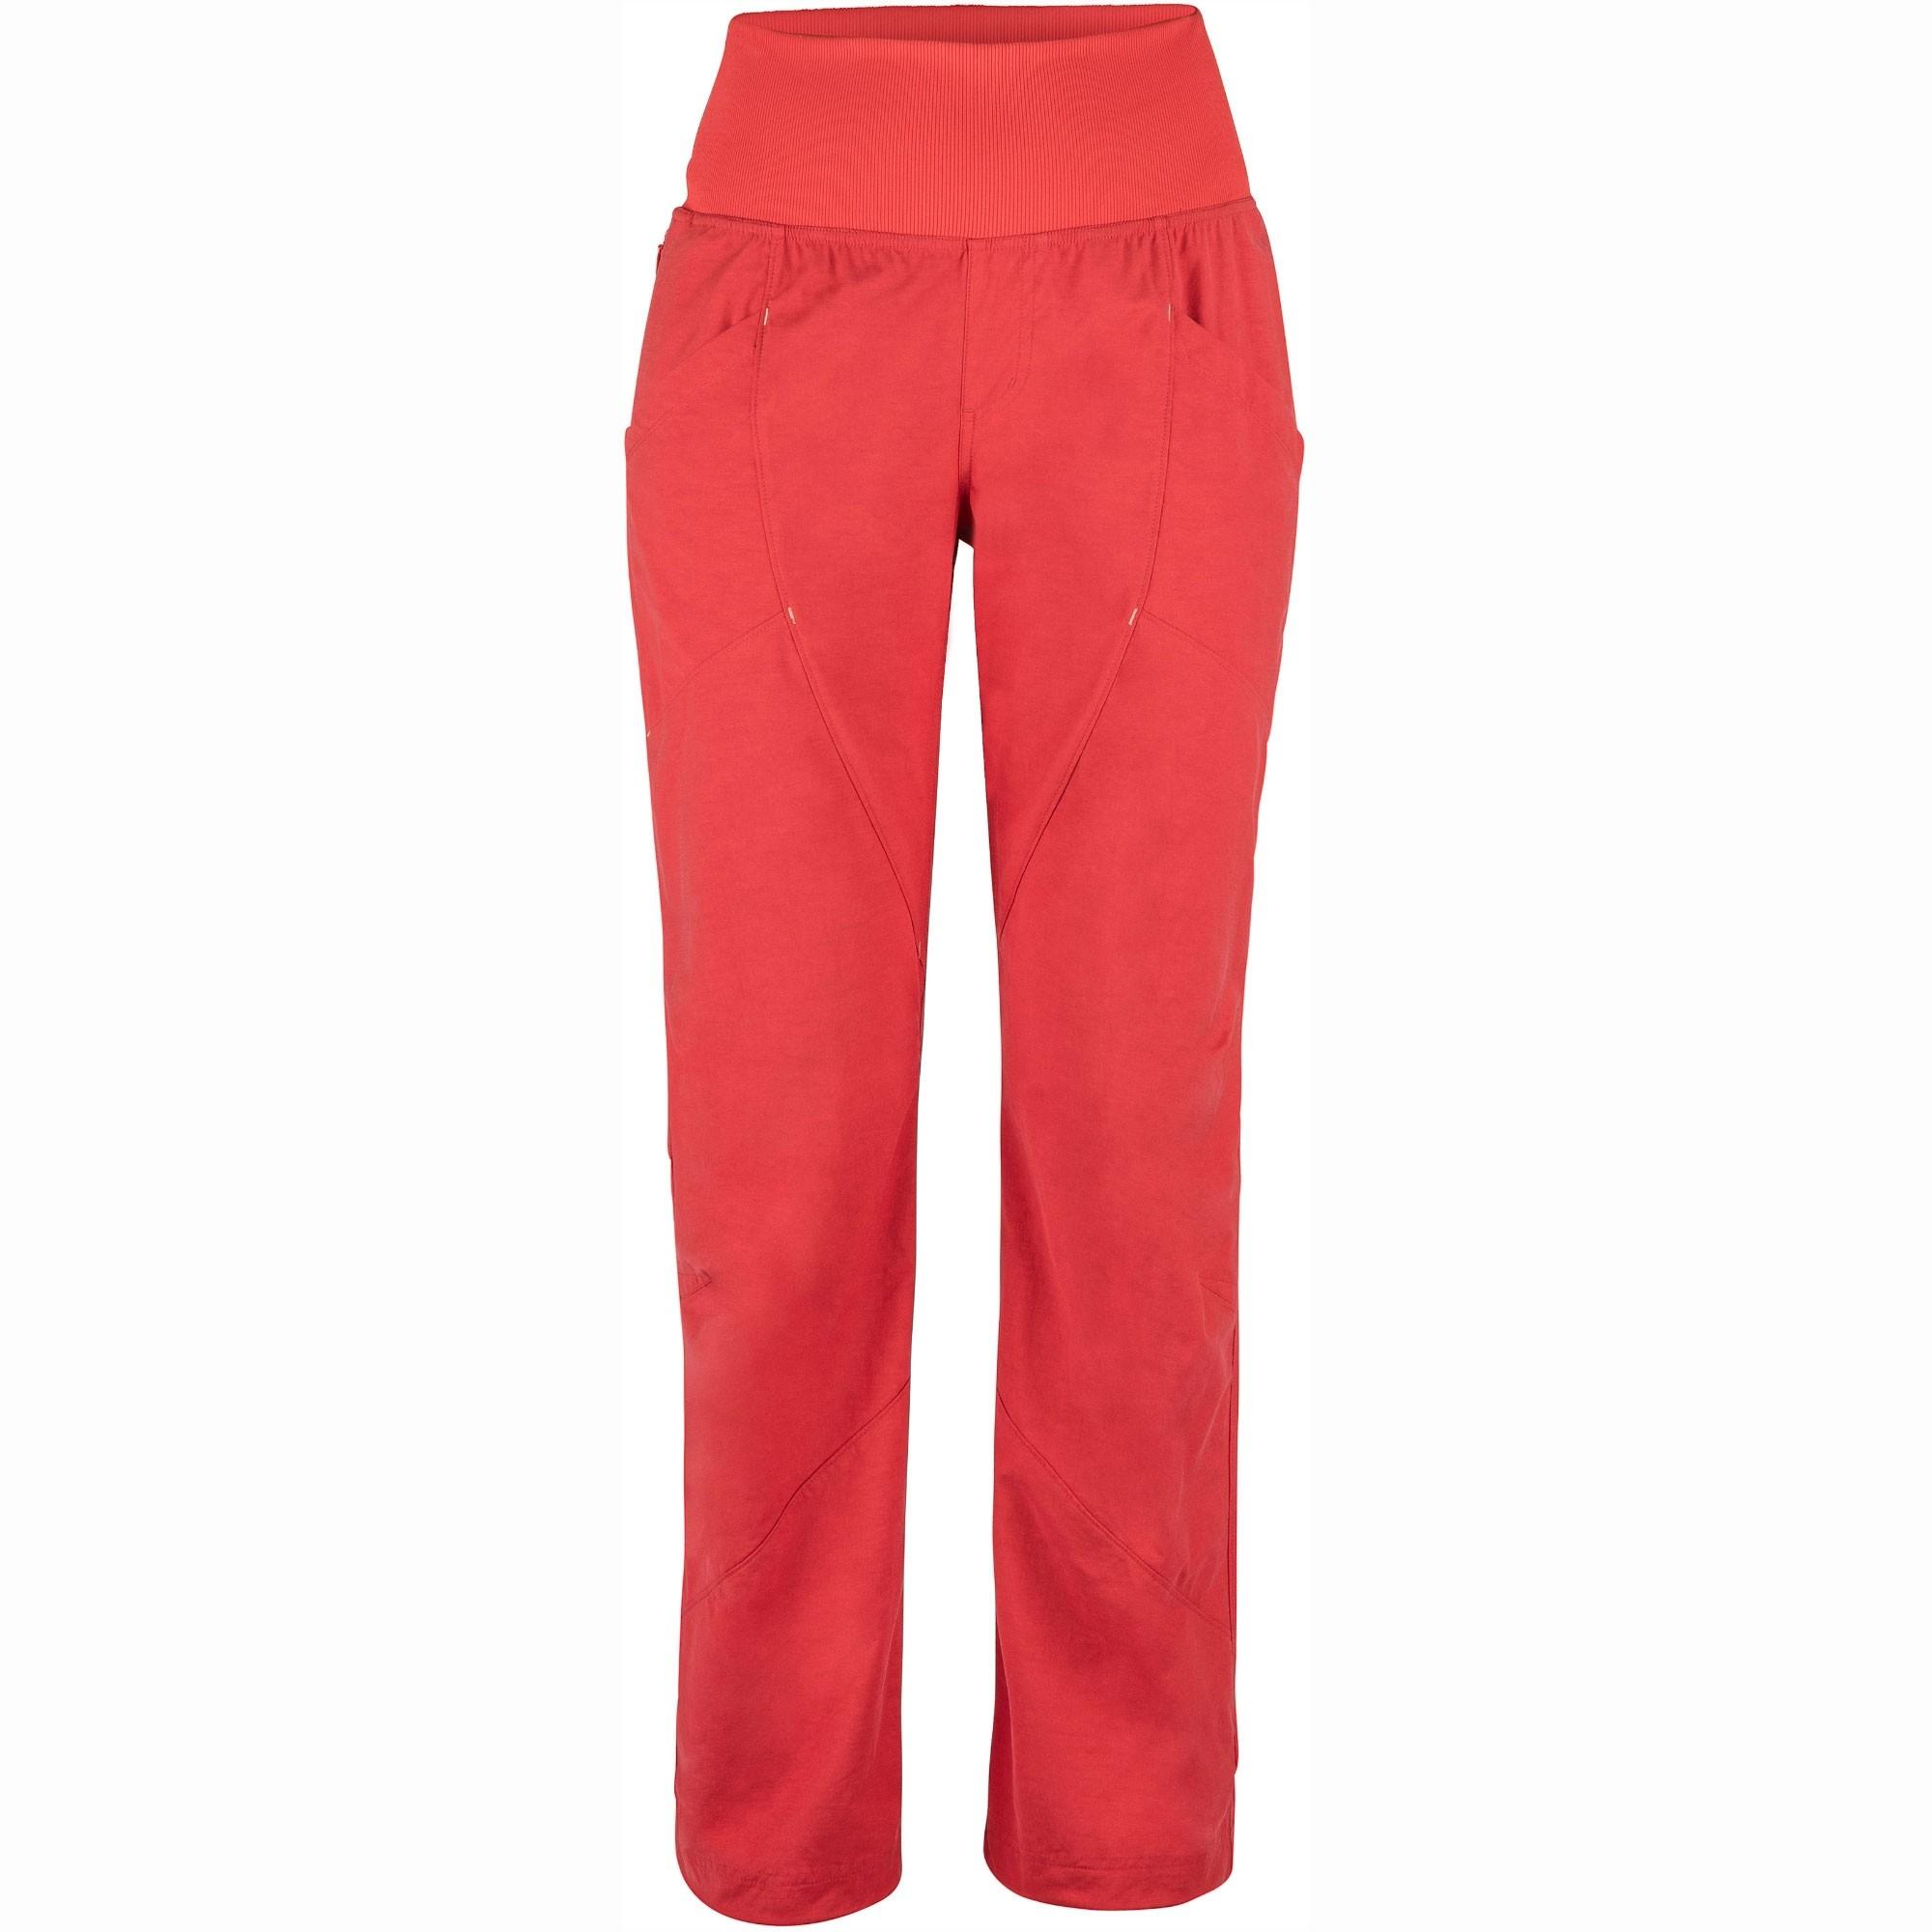 Marmot Lleida Women's Climbing Pants - Desert Red - Front